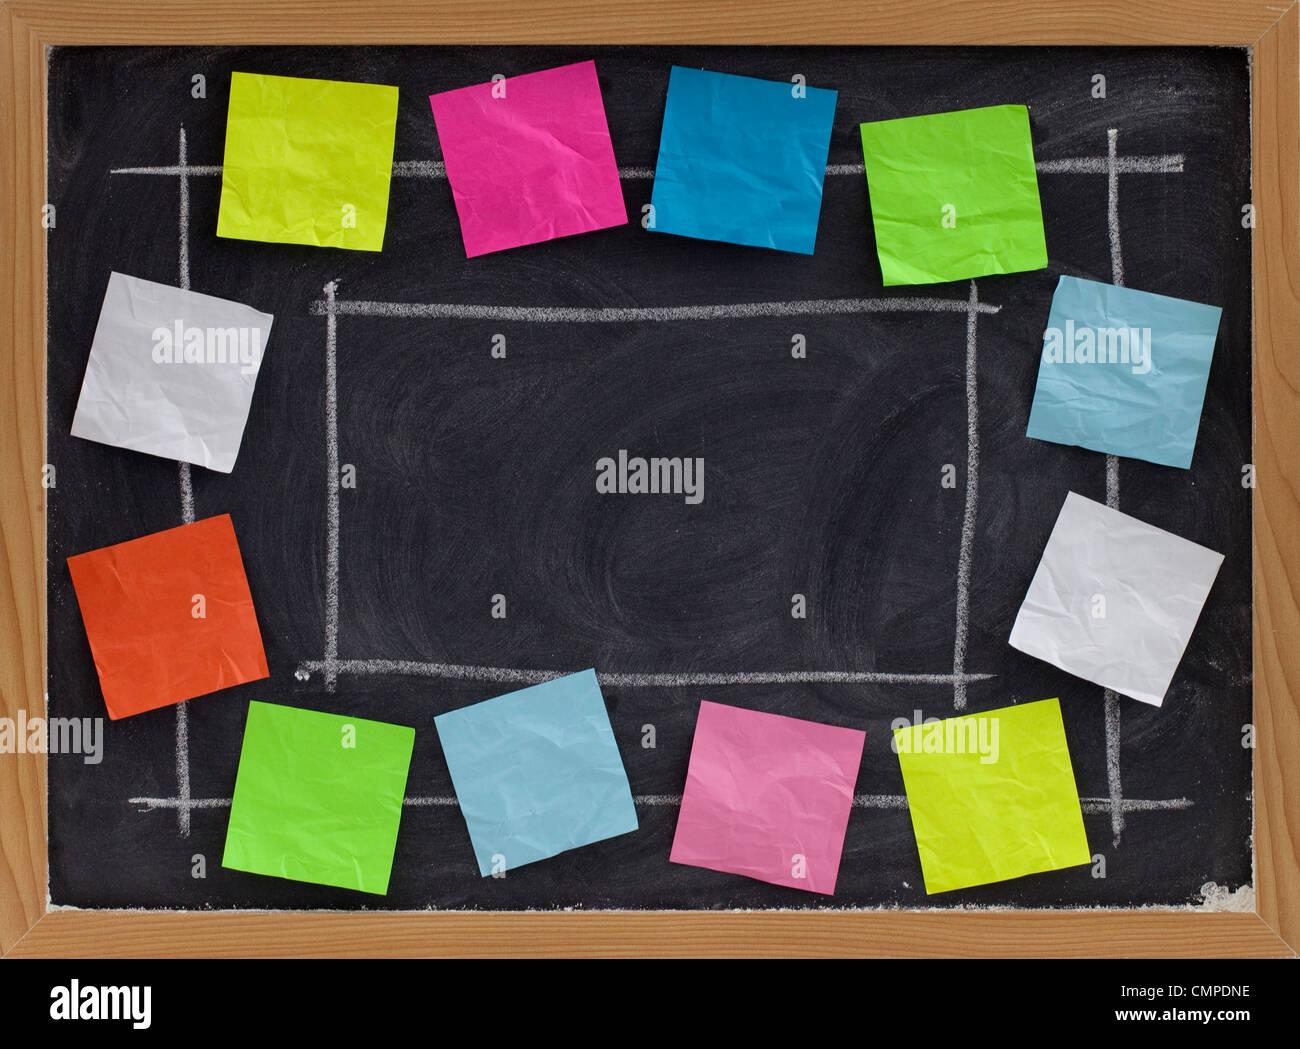 Copia spazio sulla lavagna con gesso bianco texture Circondato da colorati blank sticky notes Immagini Stock